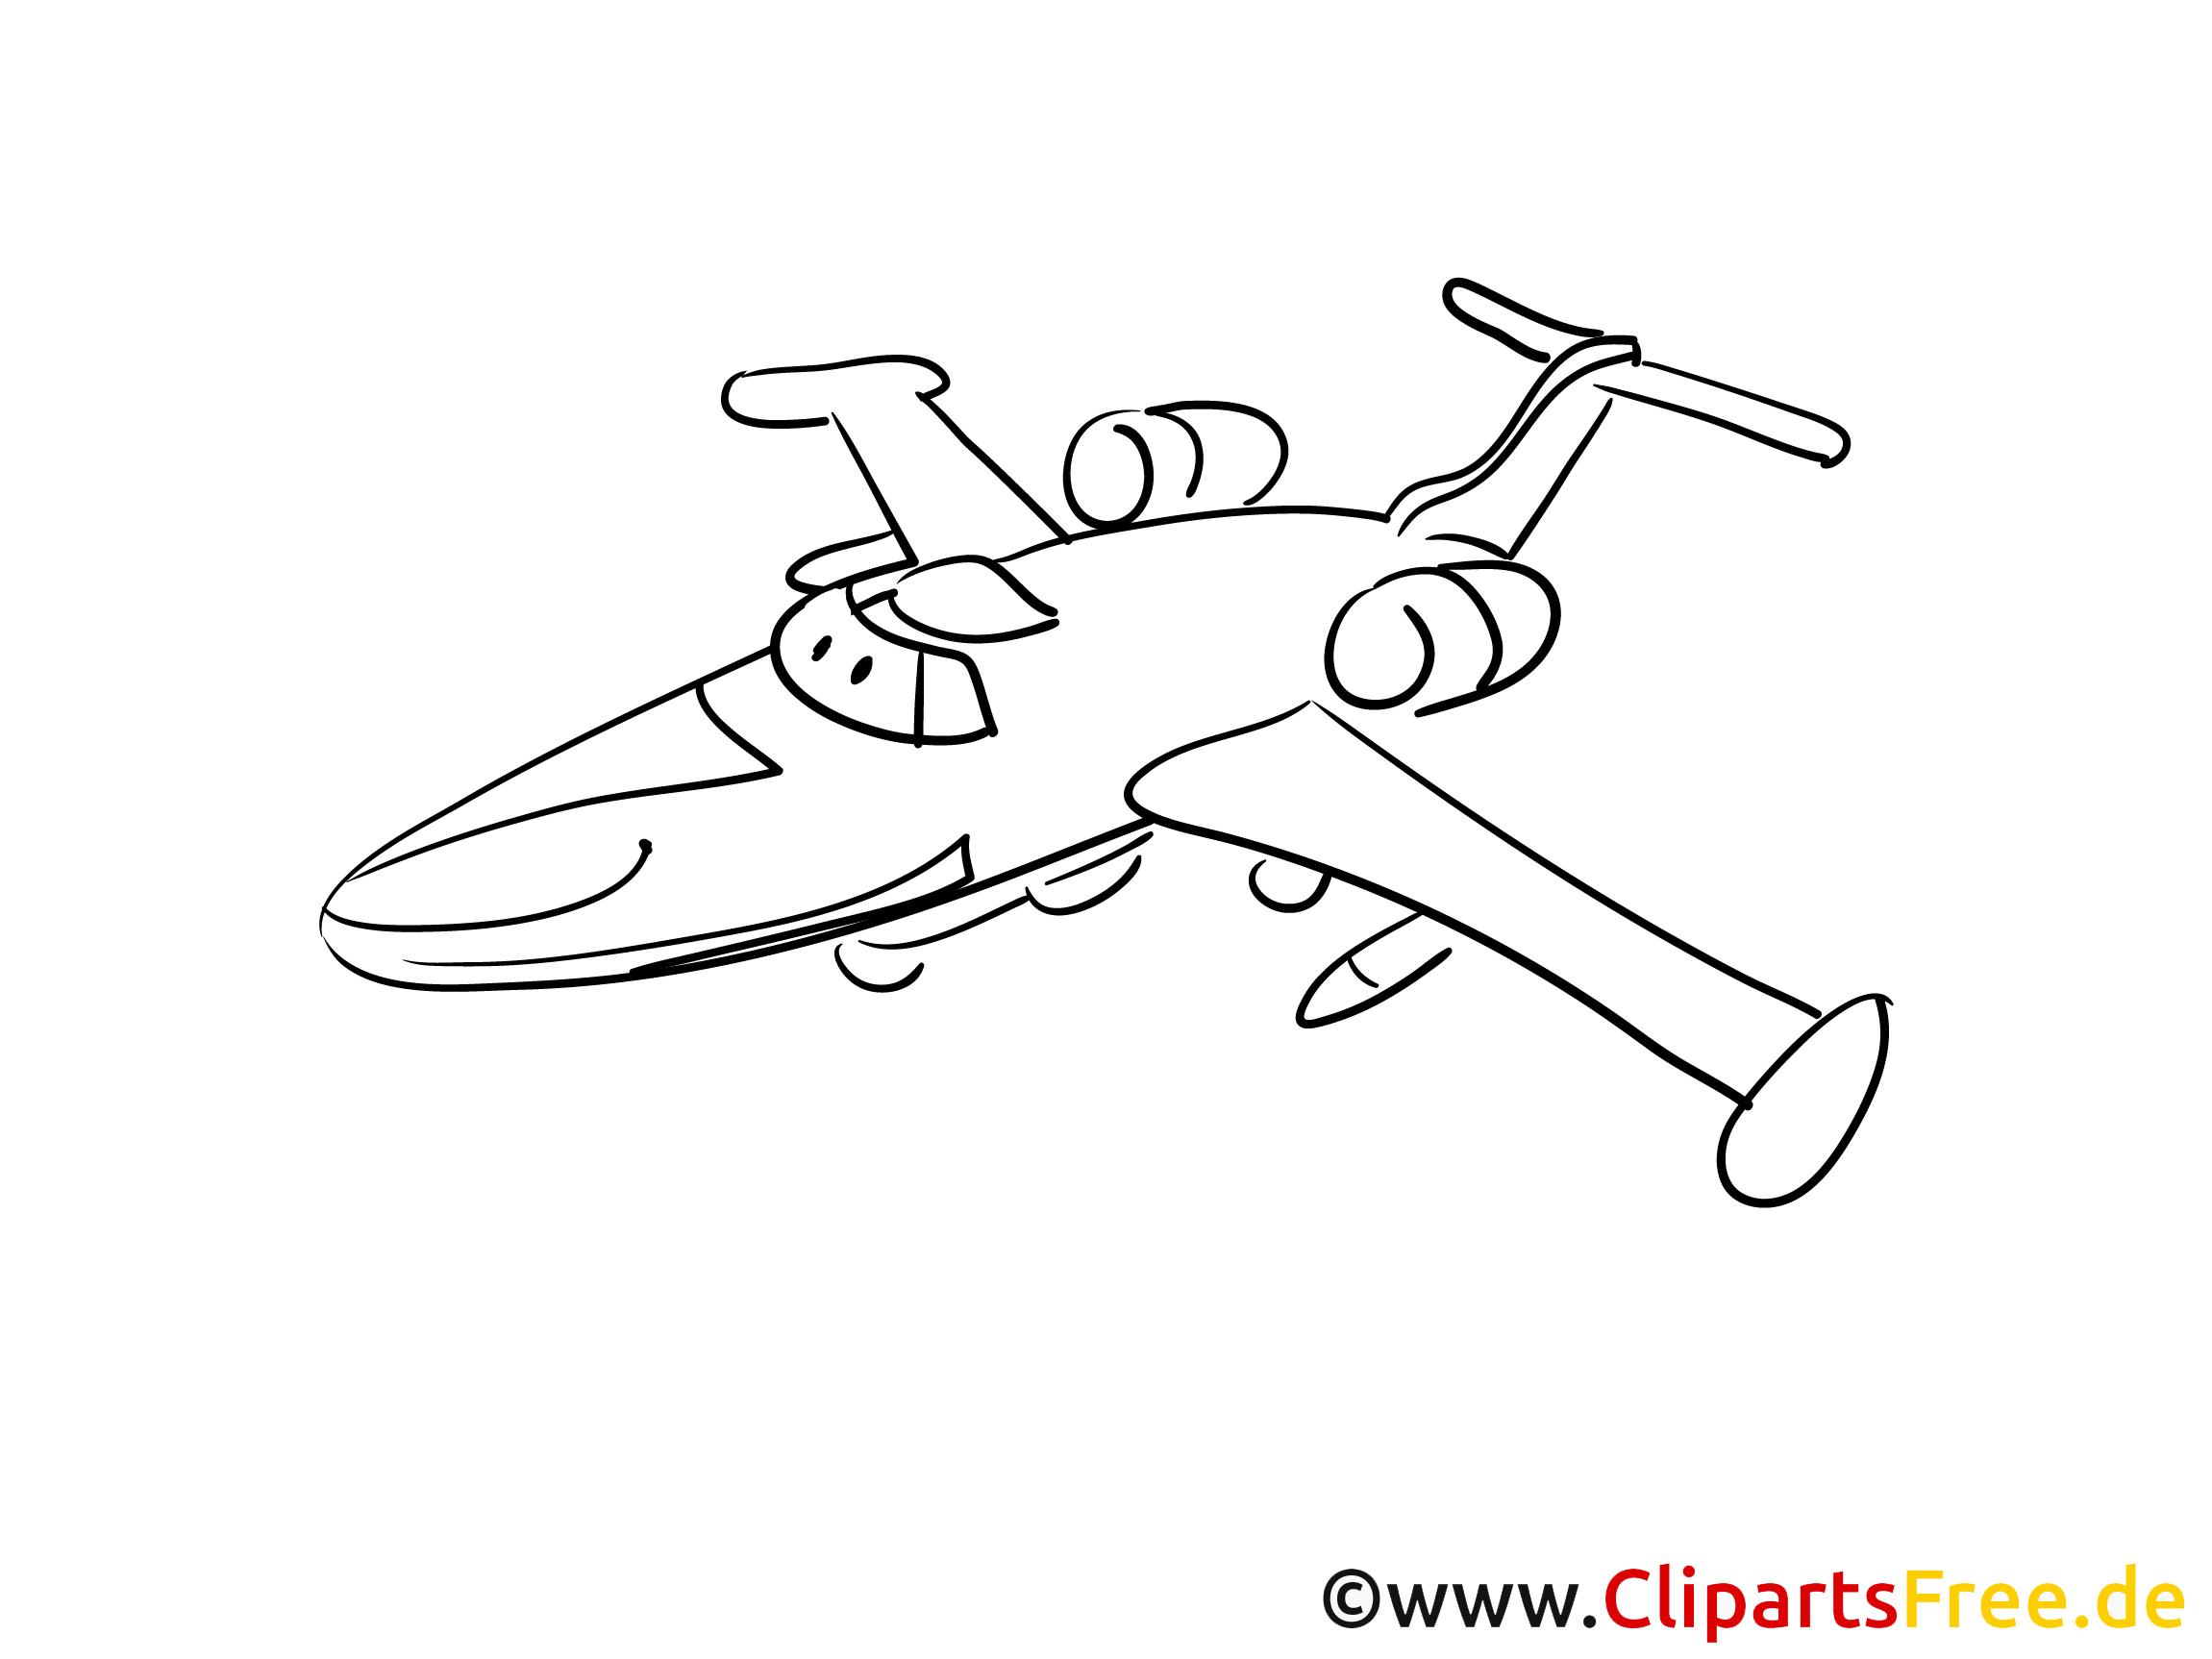 Jagdflugzeug Flughafen Ausmalbilder zum Drucken